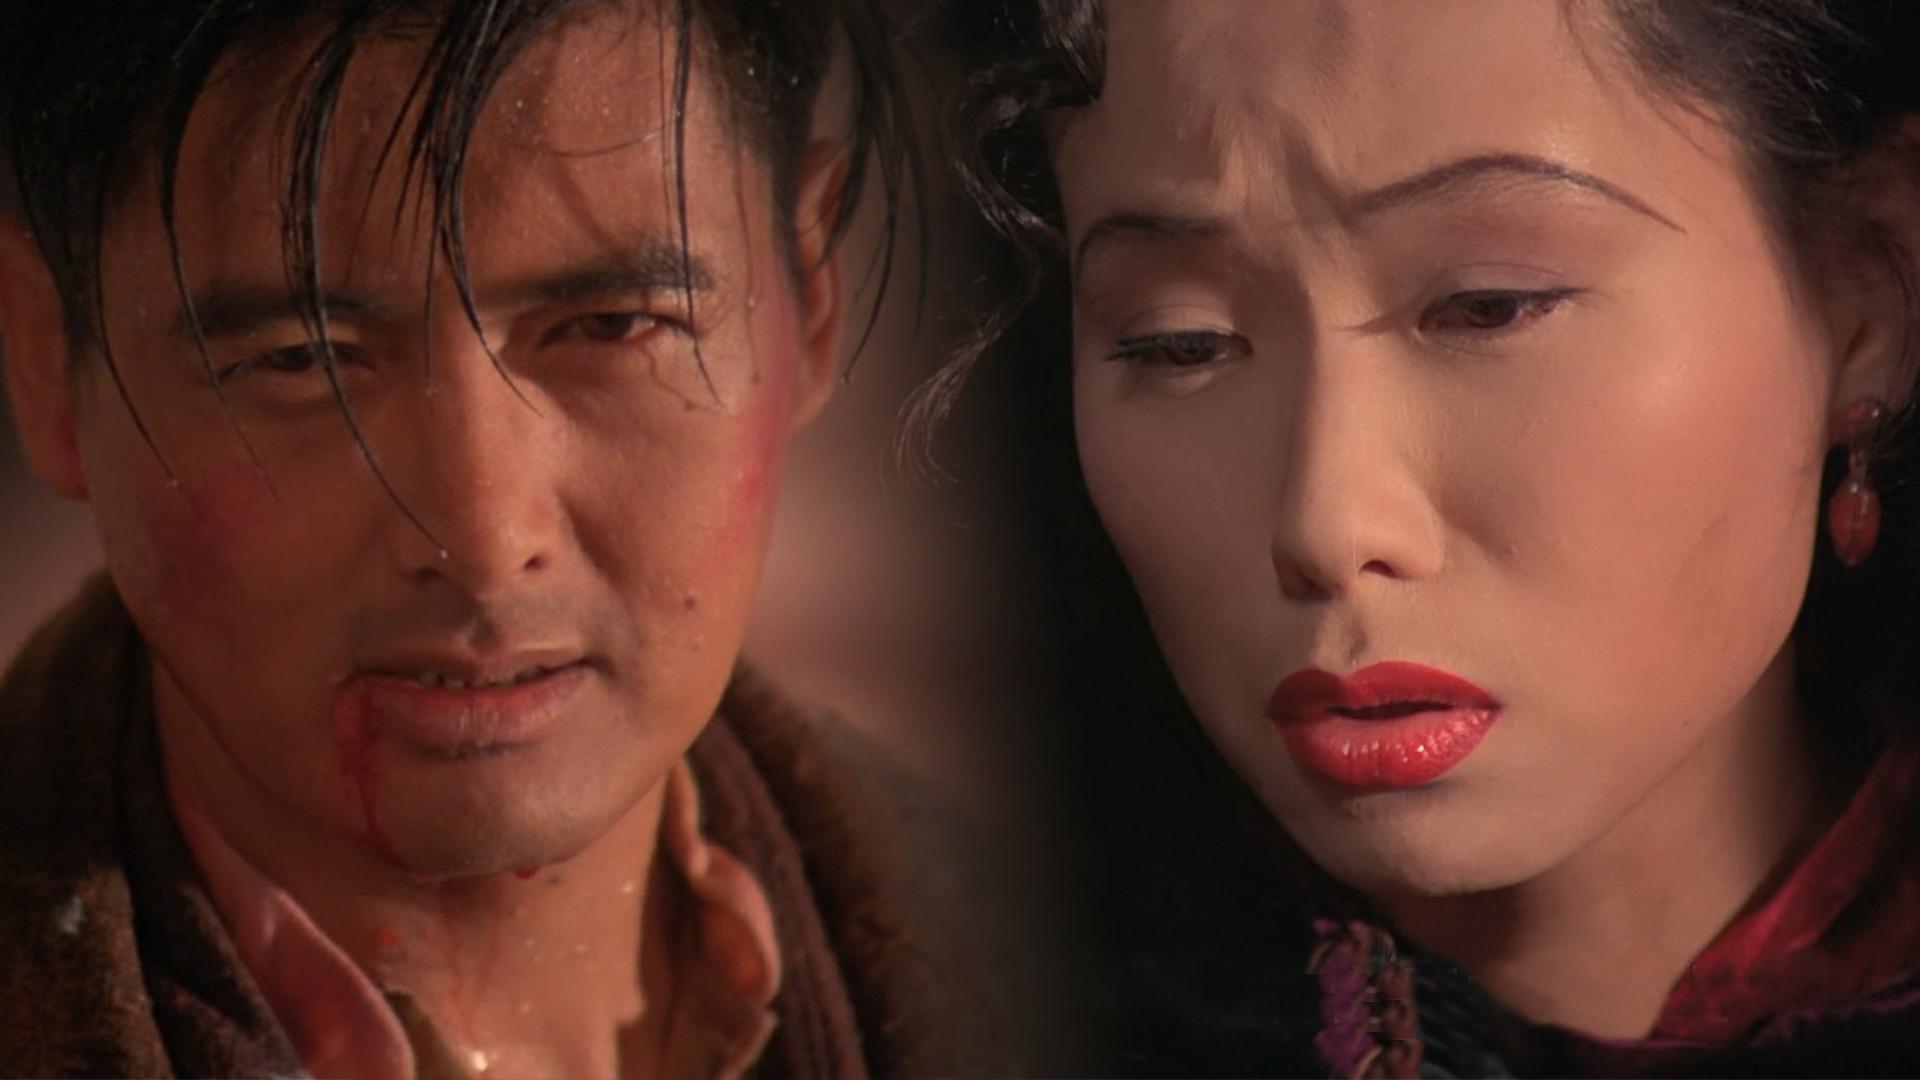 周润发离开香港前最后一部电影,没想到它预言了港式英雄片的衰落